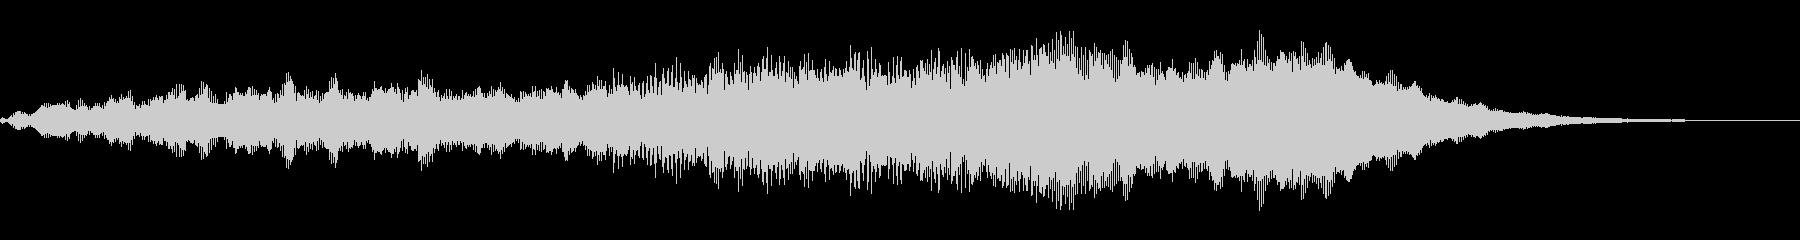 エンジェル・クワイア1の未再生の波形